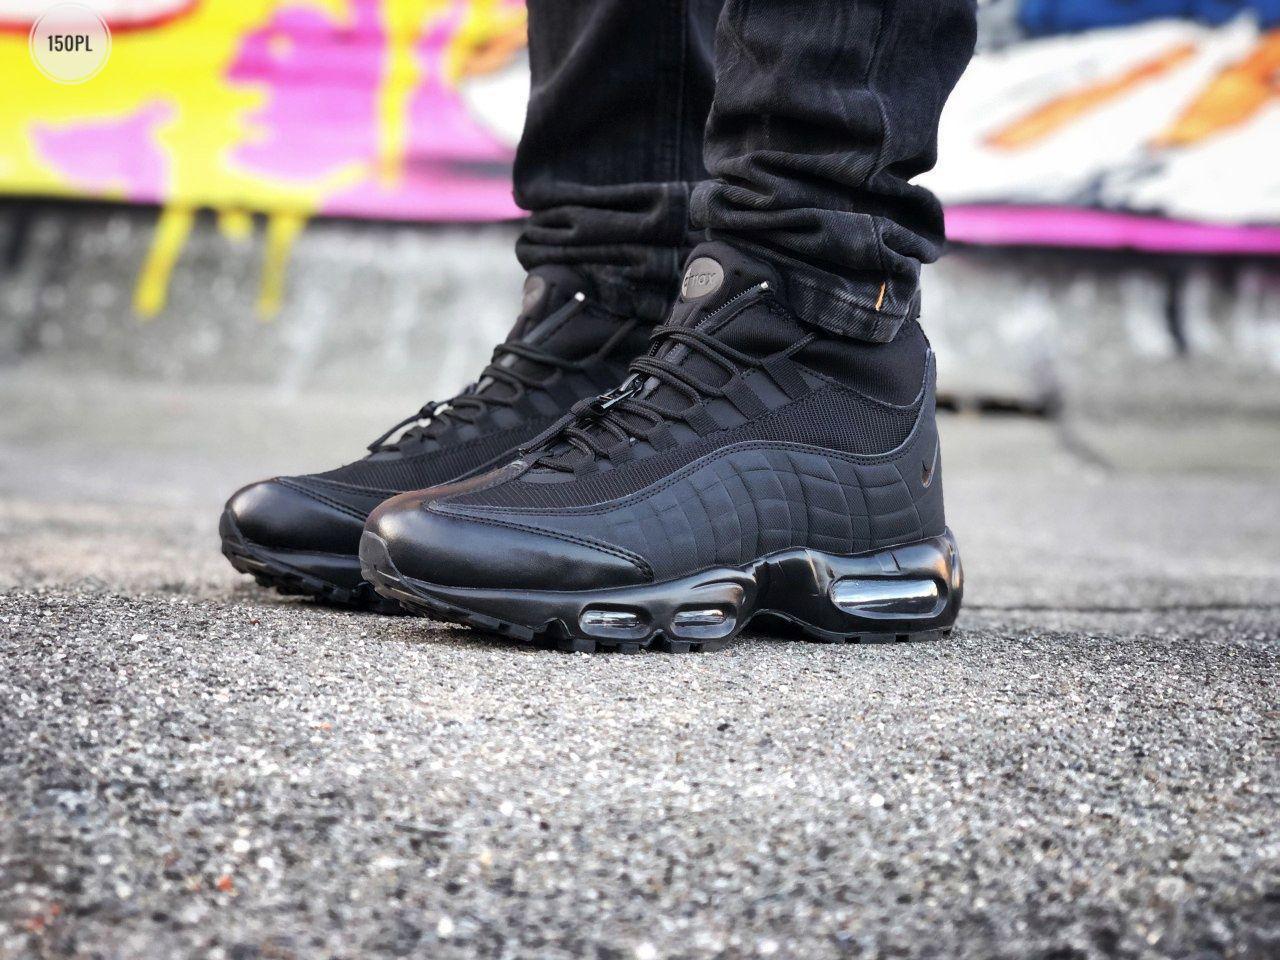 Мужские кроссовки Nike Air Max 95 Sneakerboot Black (р. 41, 43, 44) Черные